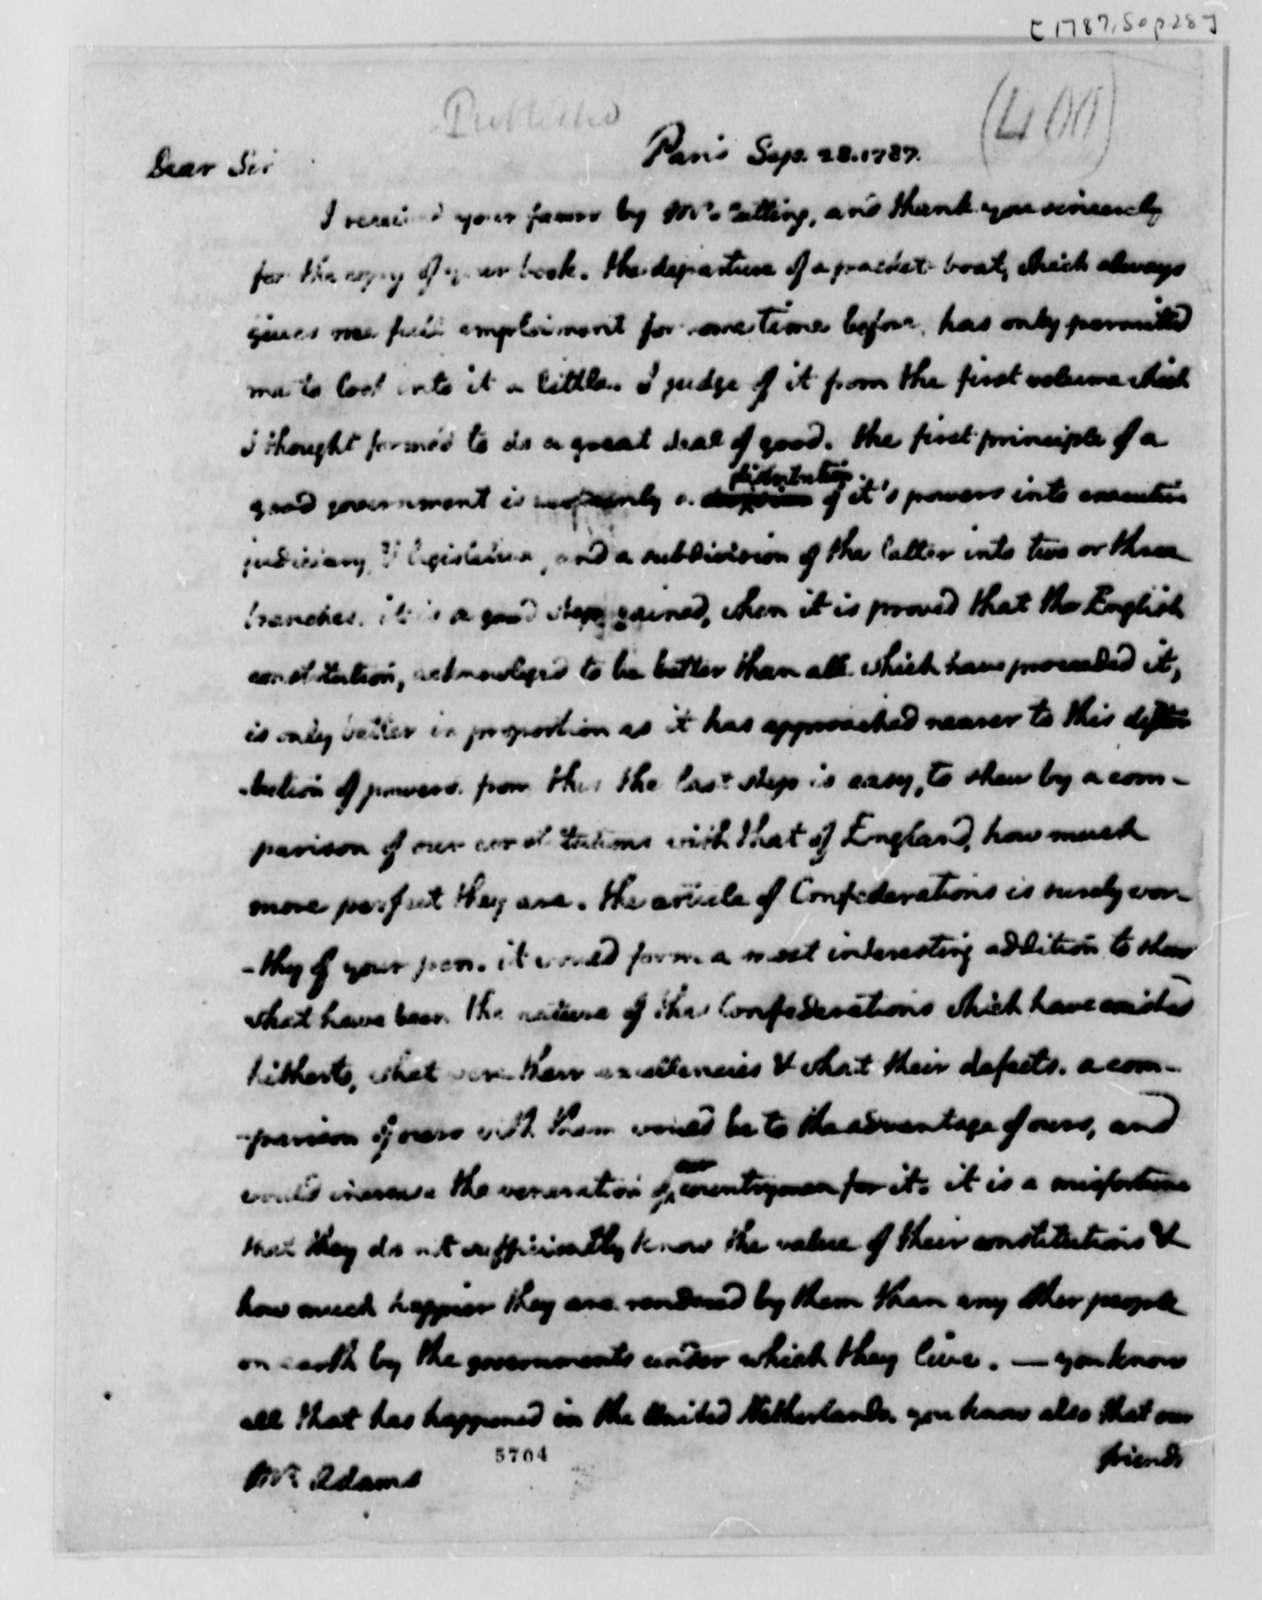 Thomas Jefferson to John Adams, September 28, 1787